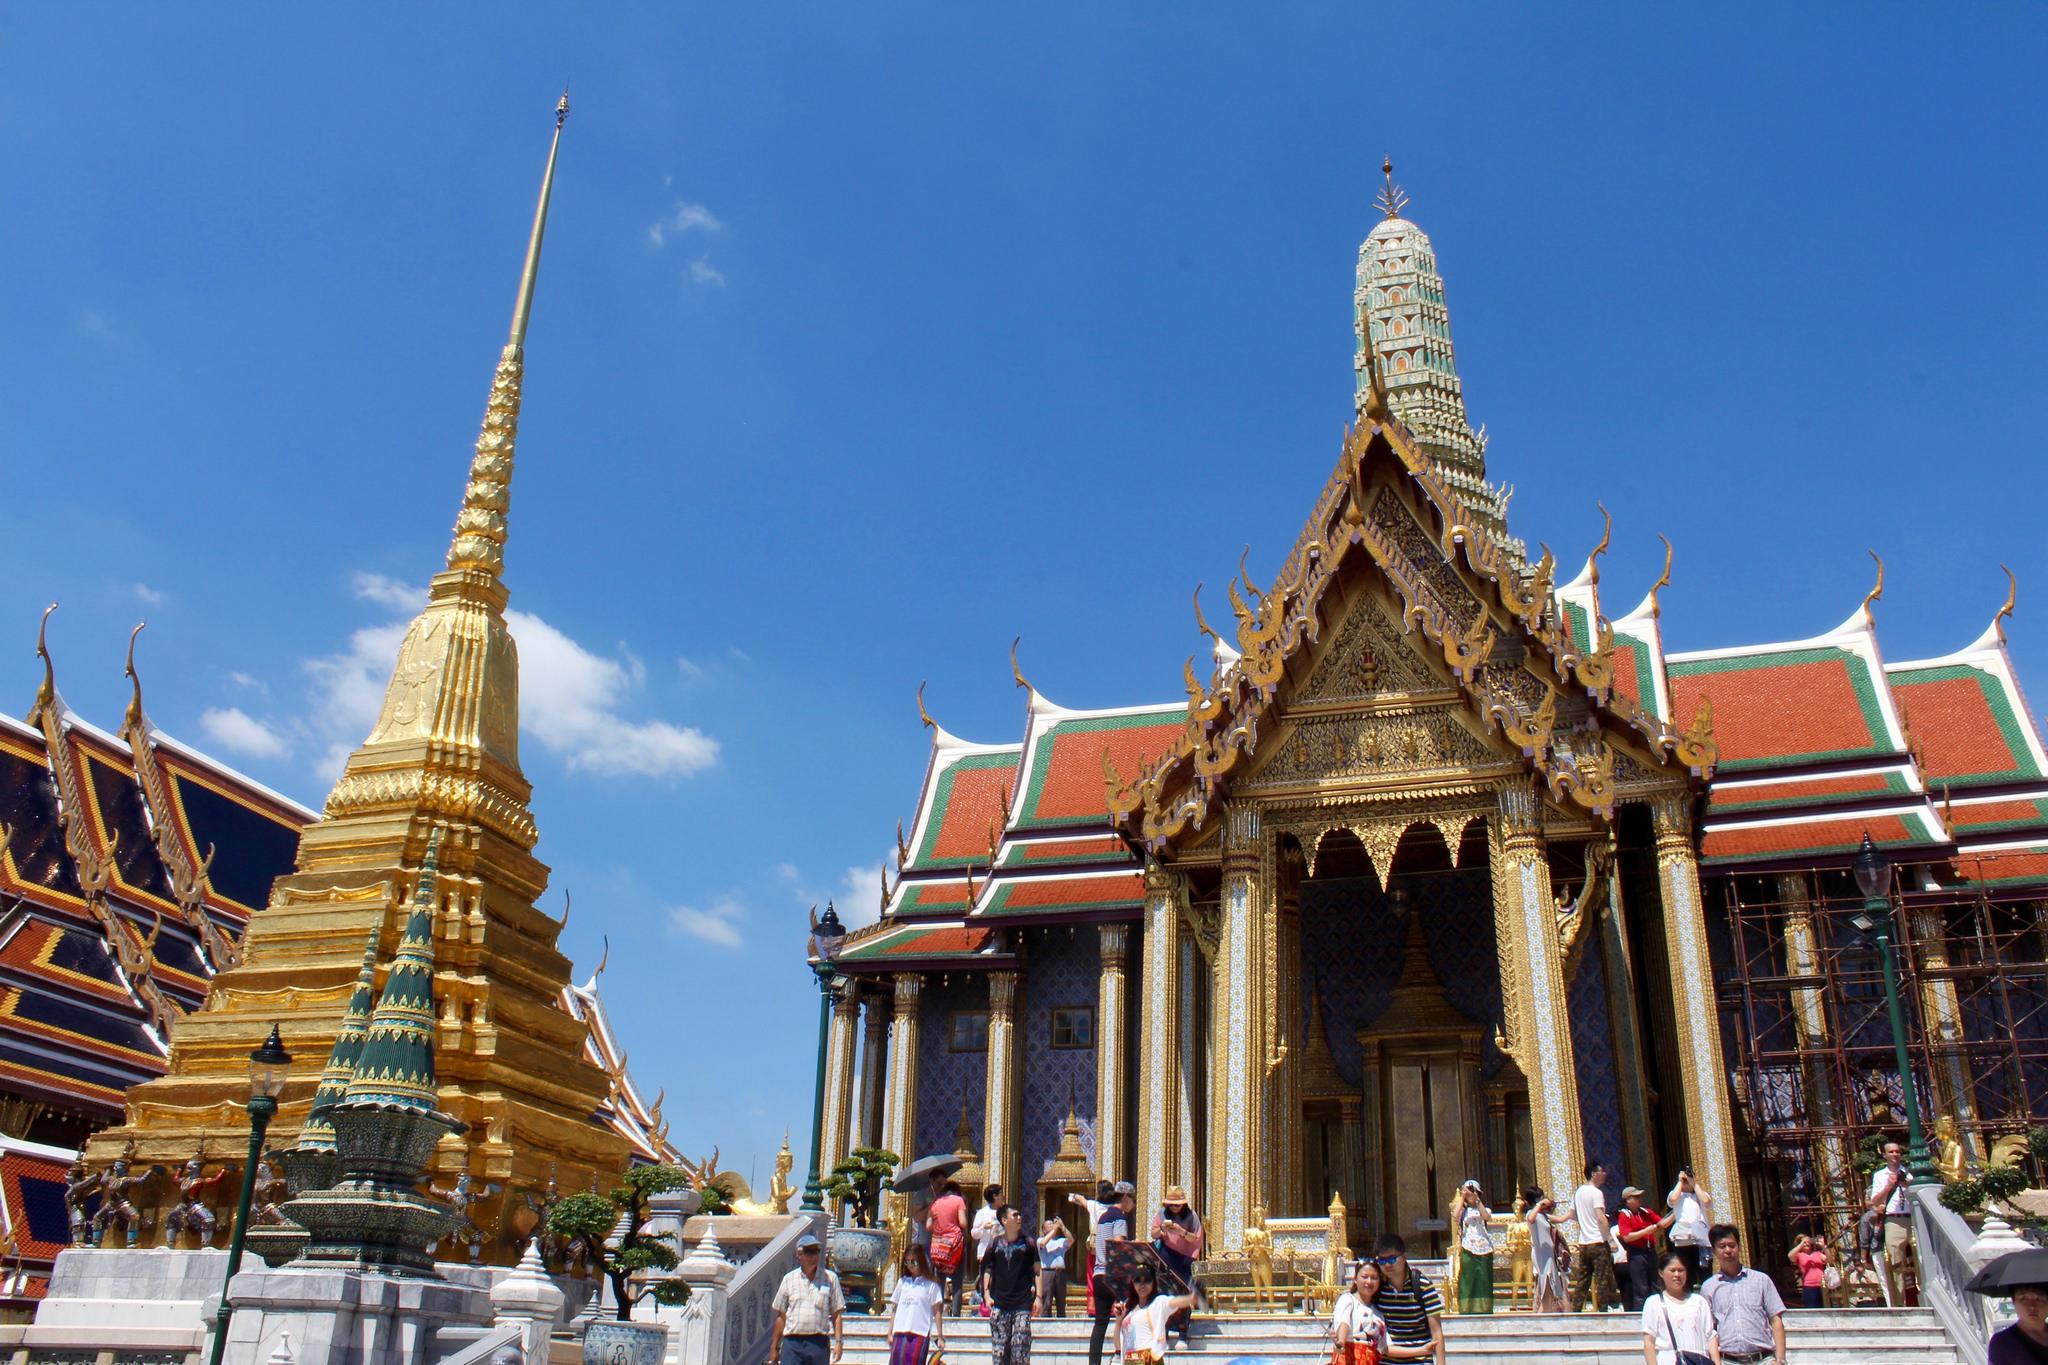 Trois villes thaïlandaises se sont classées parmi les plus visitées au monde, selon un classement effectué par Mastercard